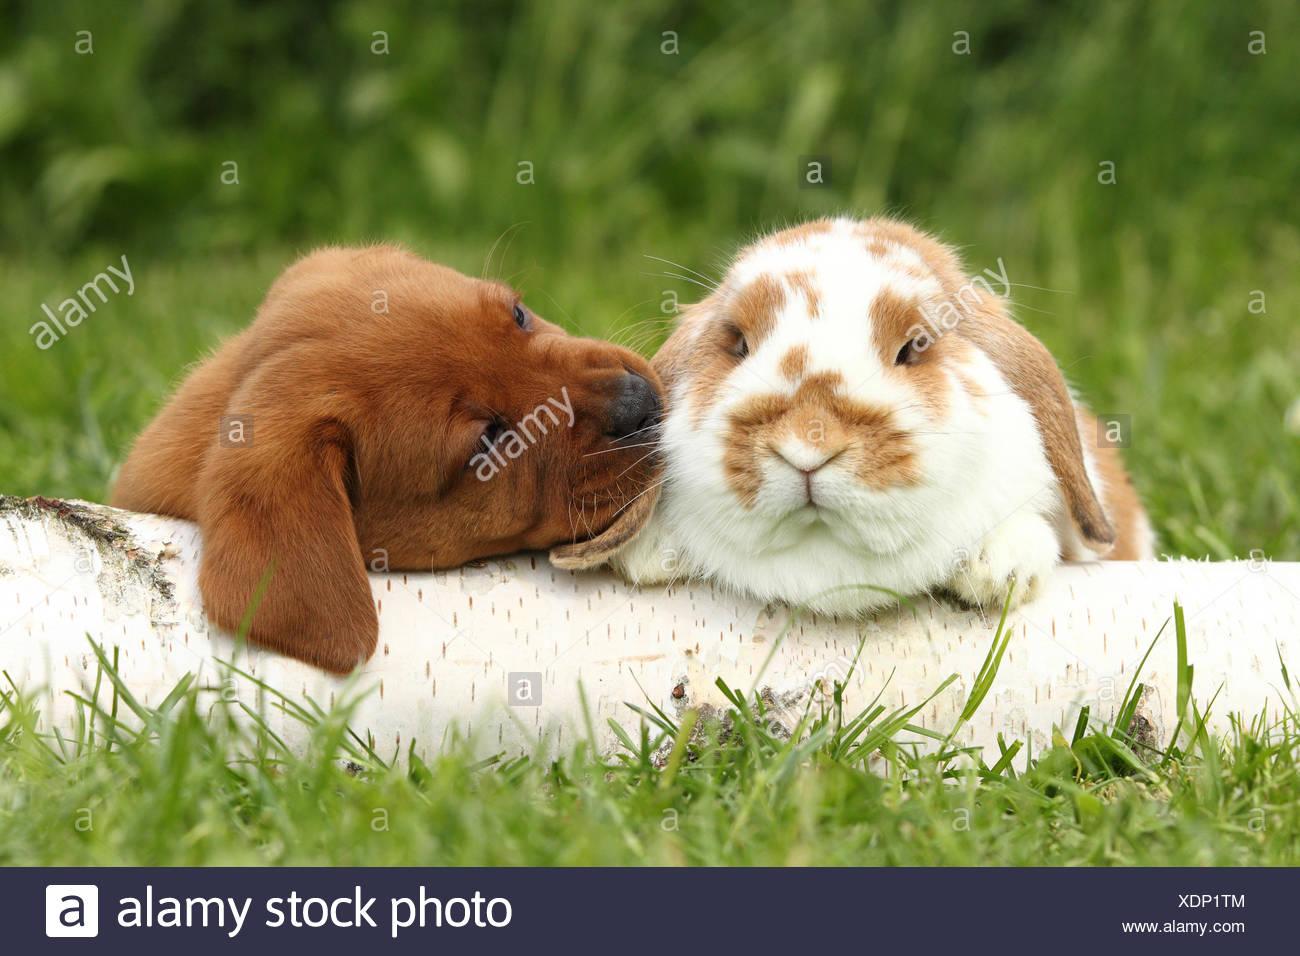 Il Labrador Retriever e Dwarf Lop-eared bunny. Cucciolo (6 settimane di età) sniffing al coniglio, mentre giaceva su un registro di betulla. Germania Immagini Stock